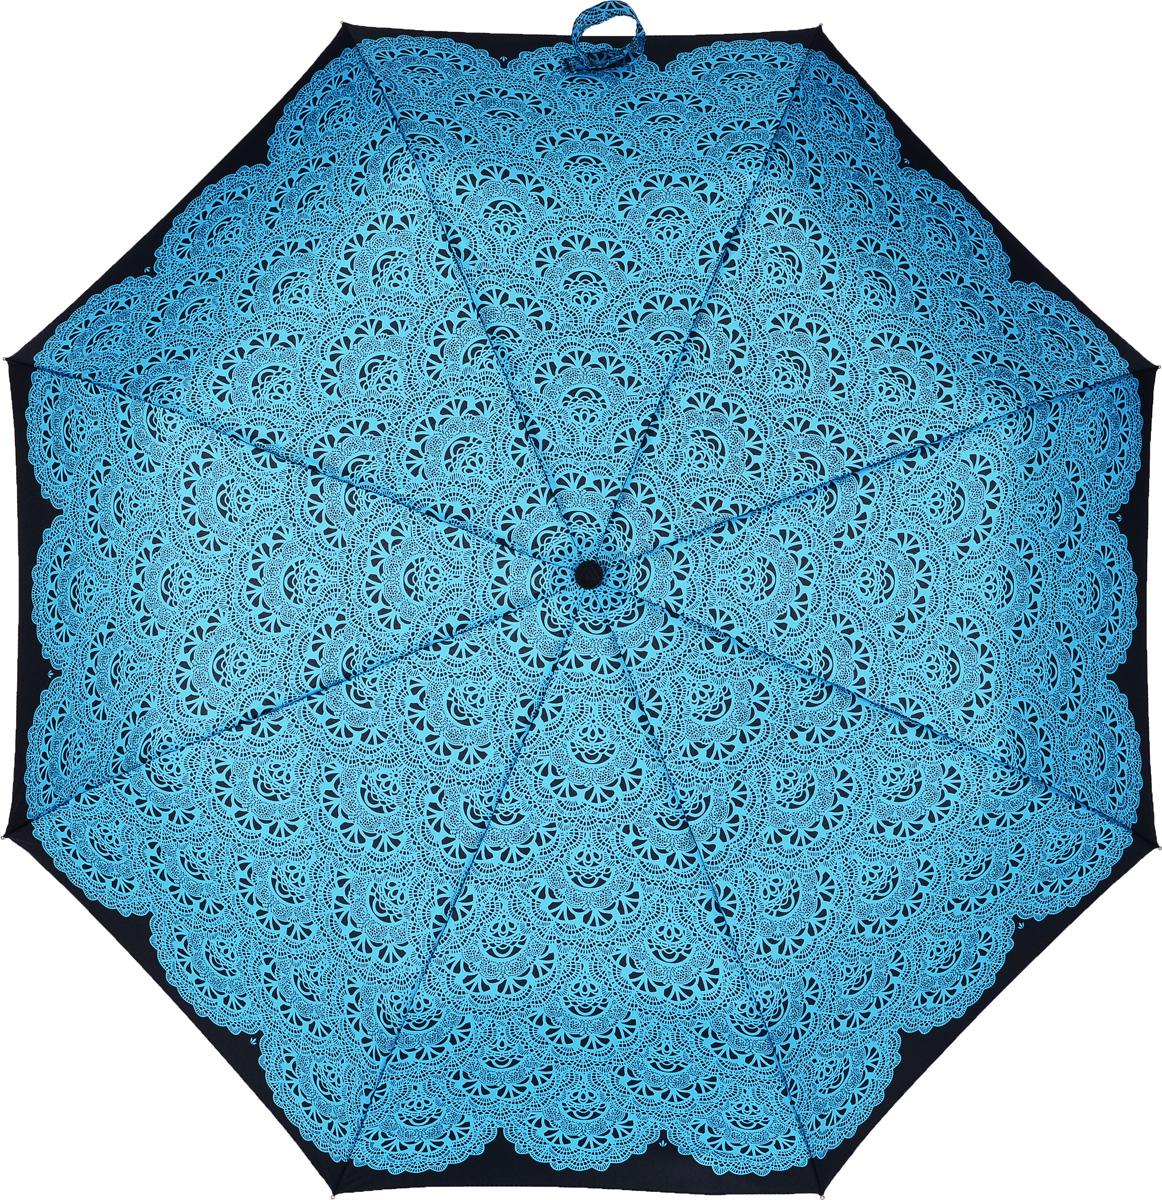 Зонт женский механика Fulton, расцветка: кружева. L354-3033 CrochetLaceL354-3033 CrochetLaceЗамечательный, необыкновенно компактный зонт. Запатентованная безопасная технология замка. Уникальный супер-прочный. Увеличенный купол Длина в сложенном виде 25 см. Диаметр купола 96 см.